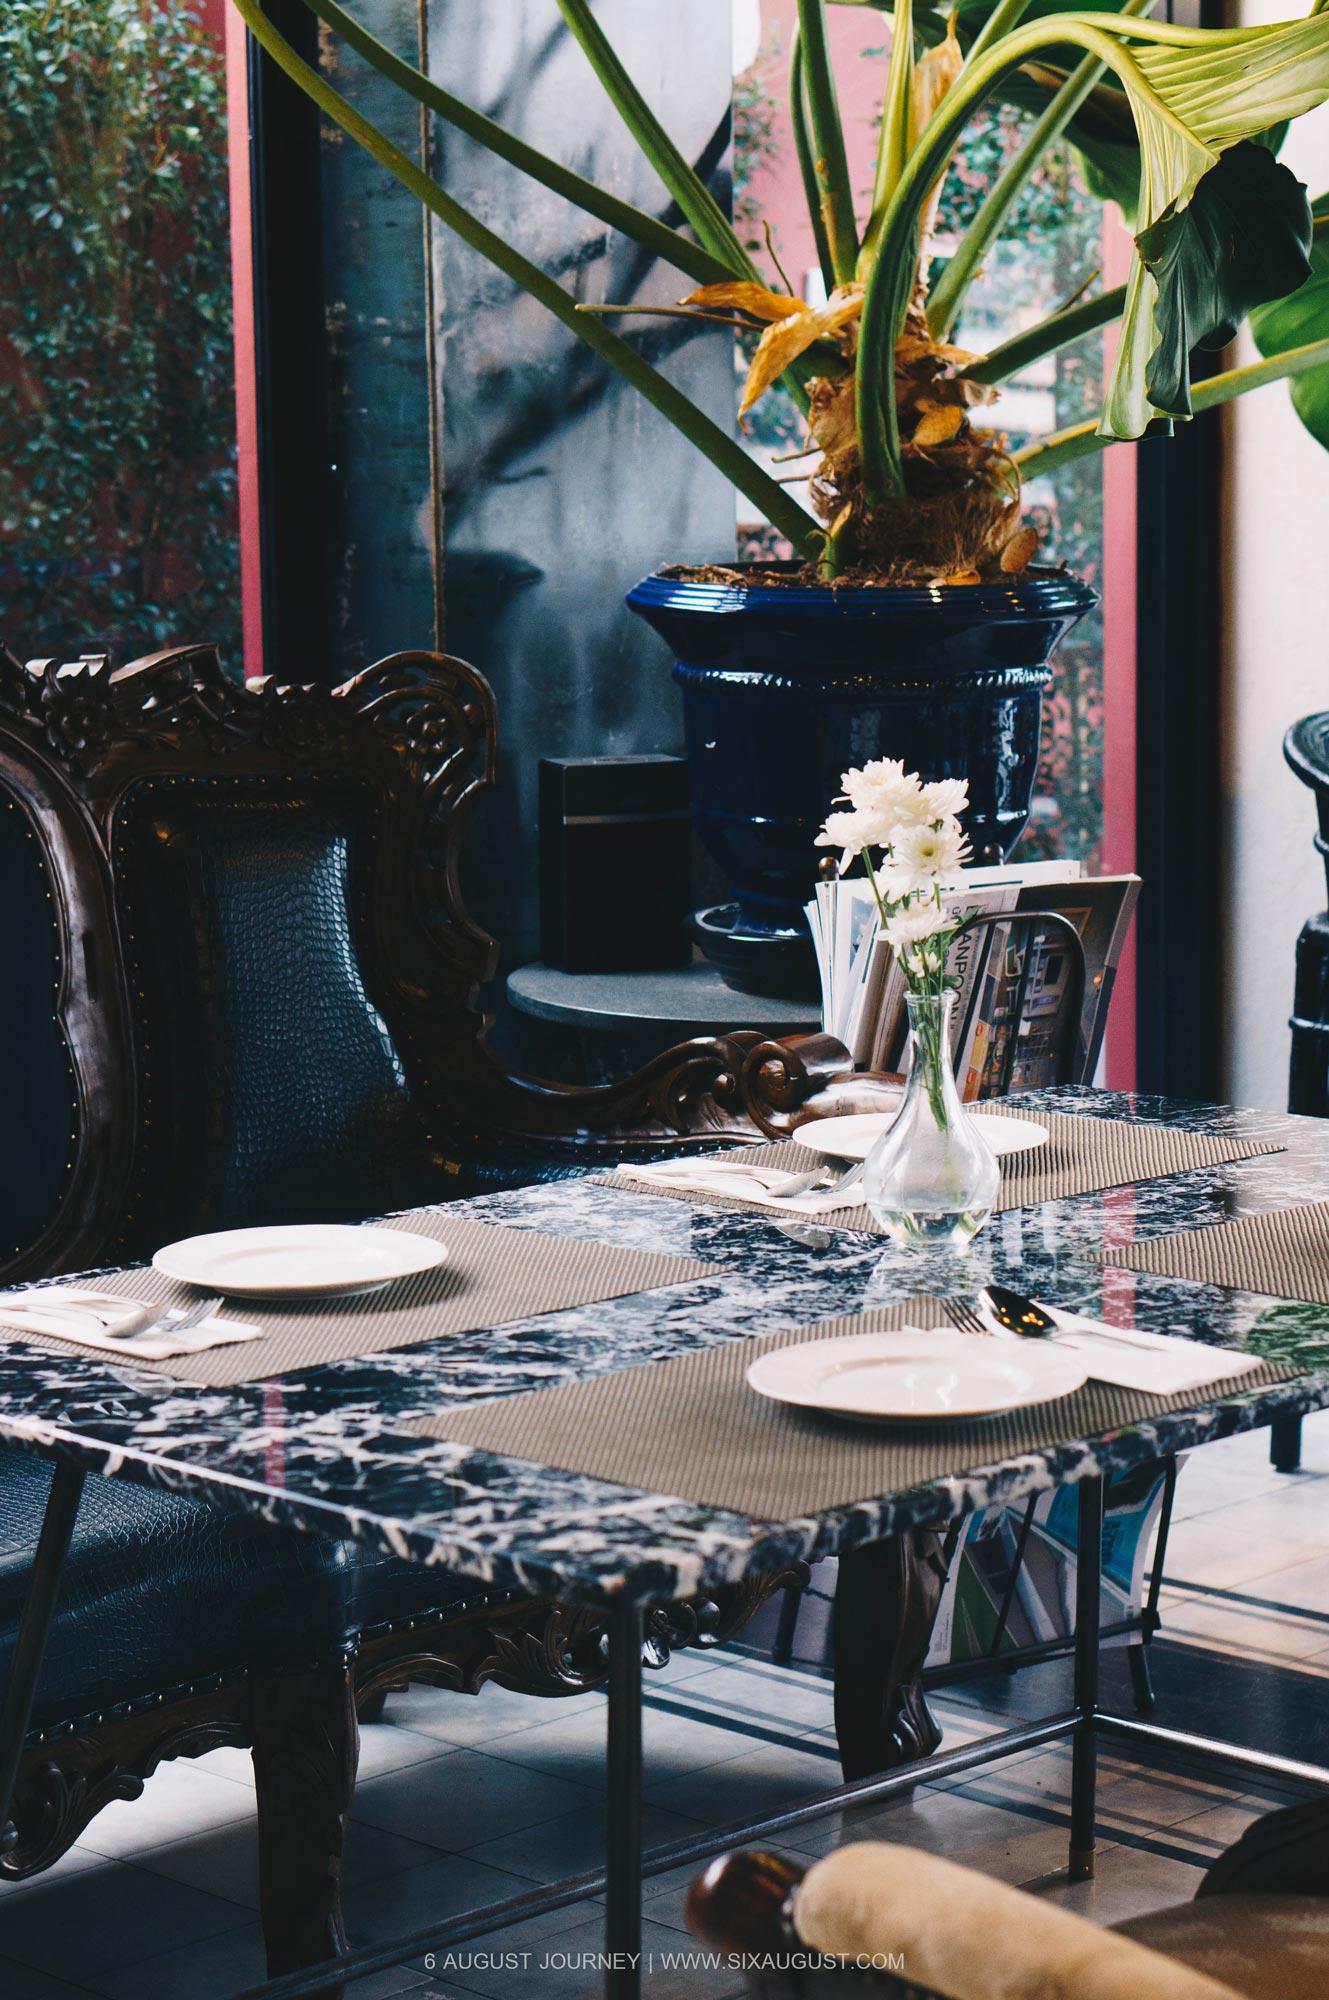 บรรยากาศในร้าน ร้าน Nye Cafestaurant